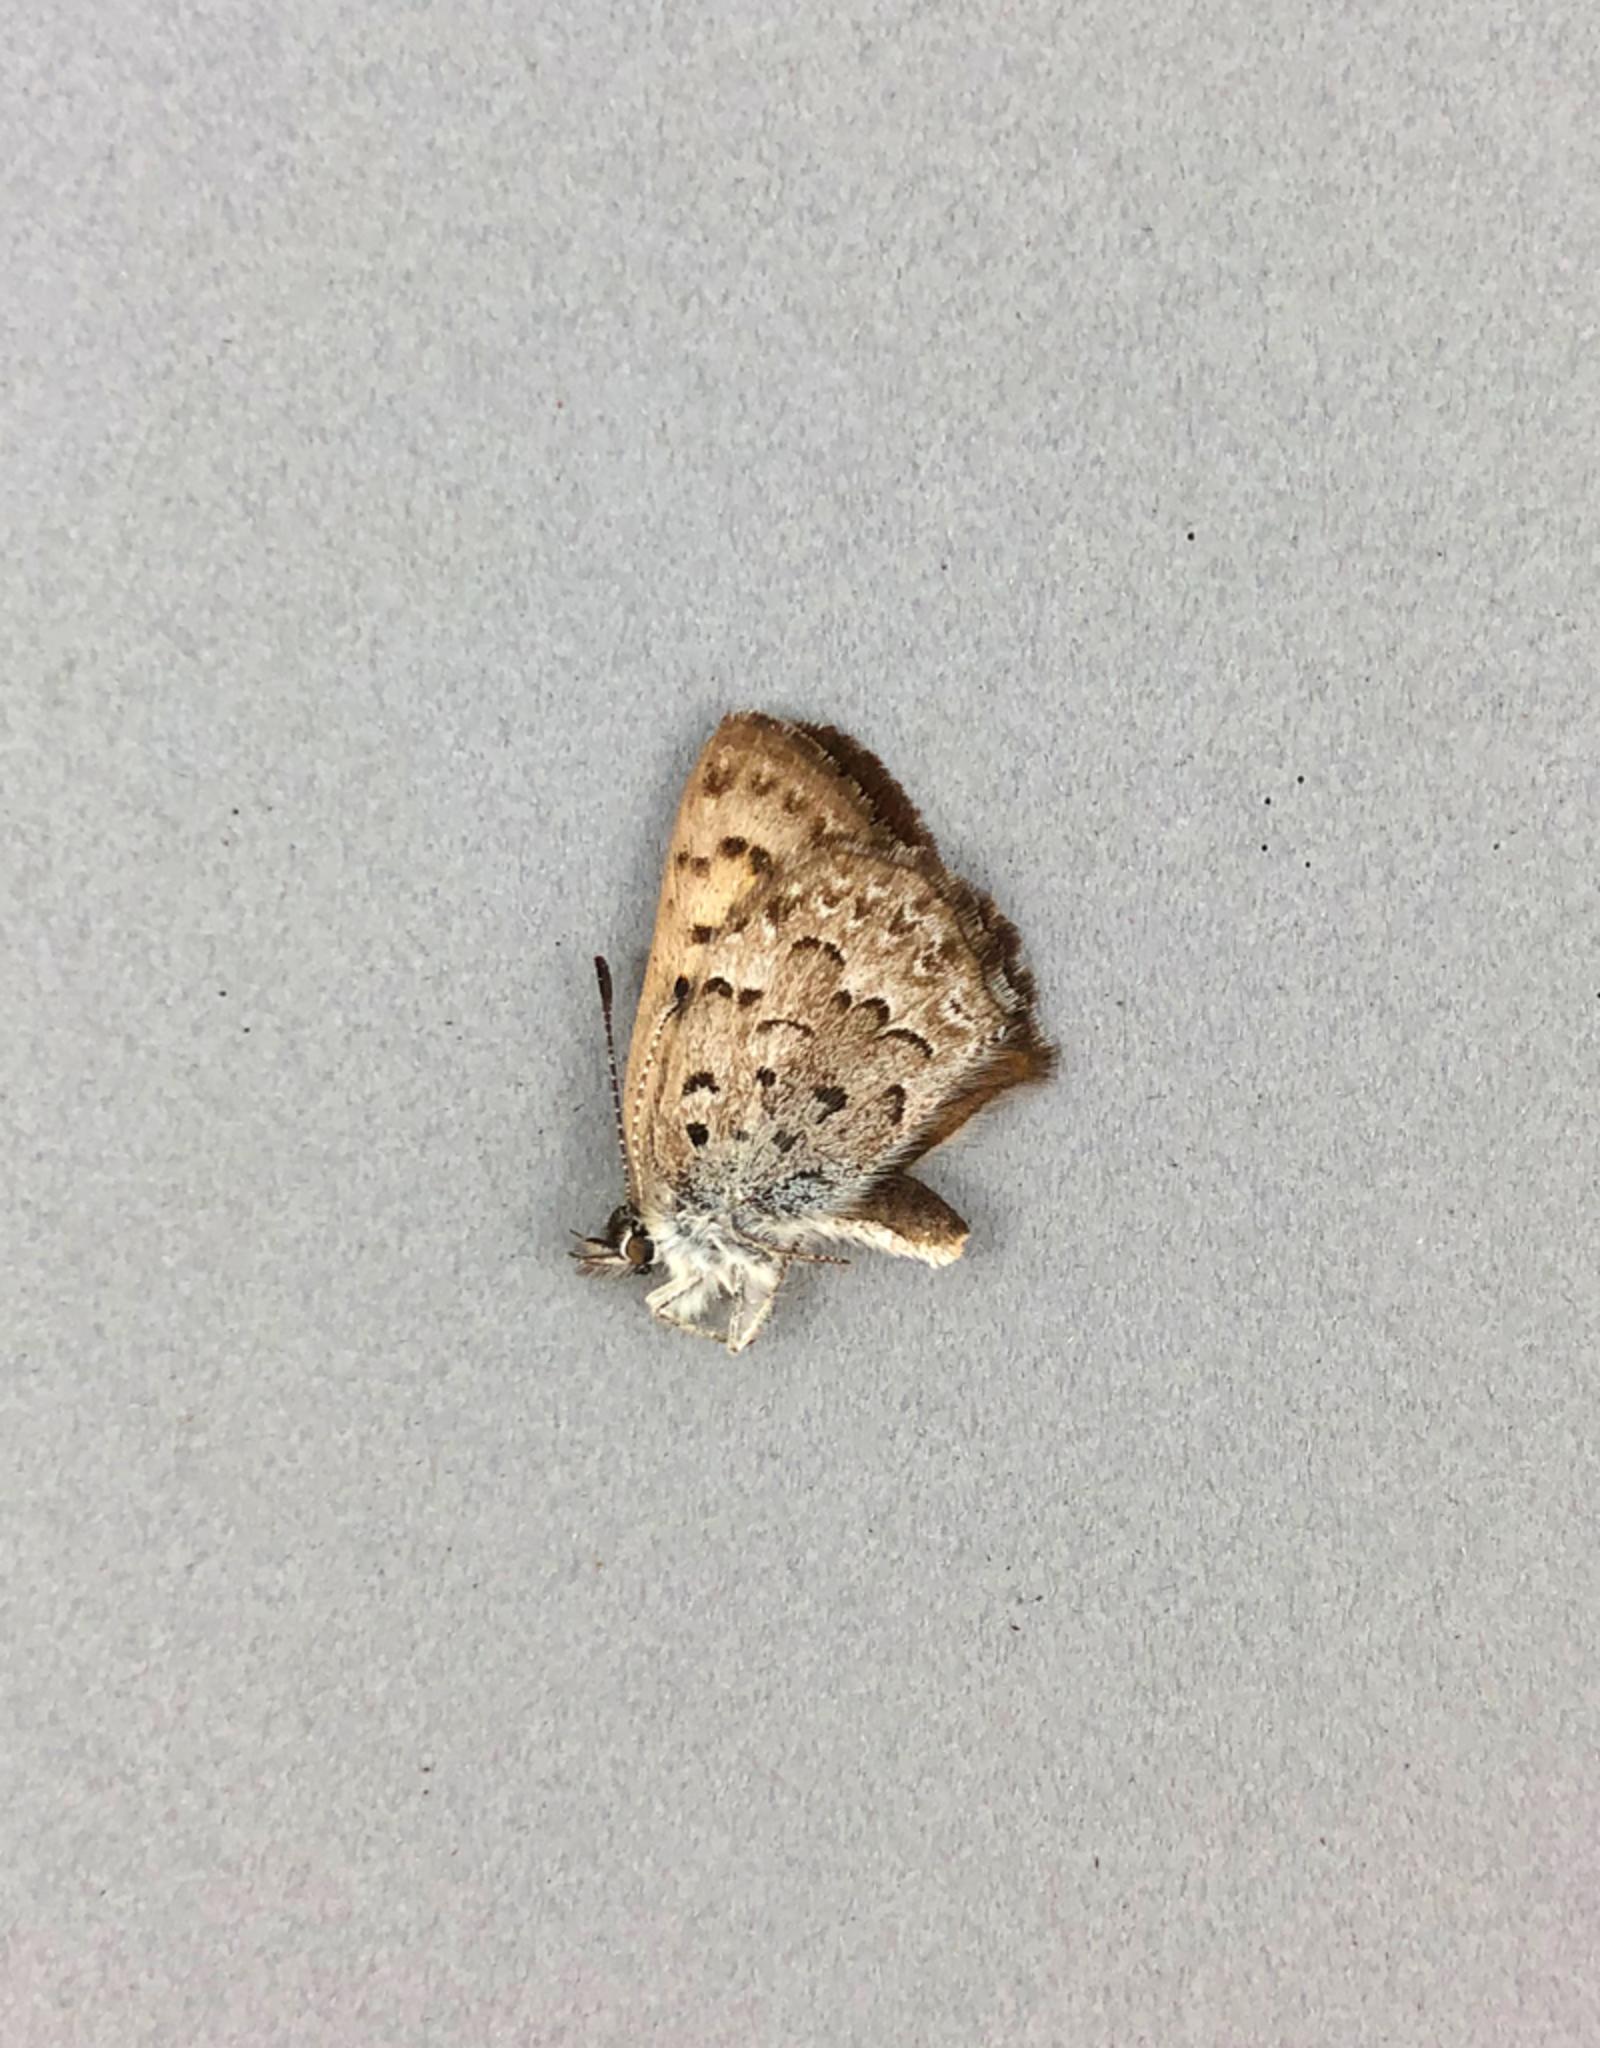 Lycaena mariposa penroseae PAIR A1 Canada